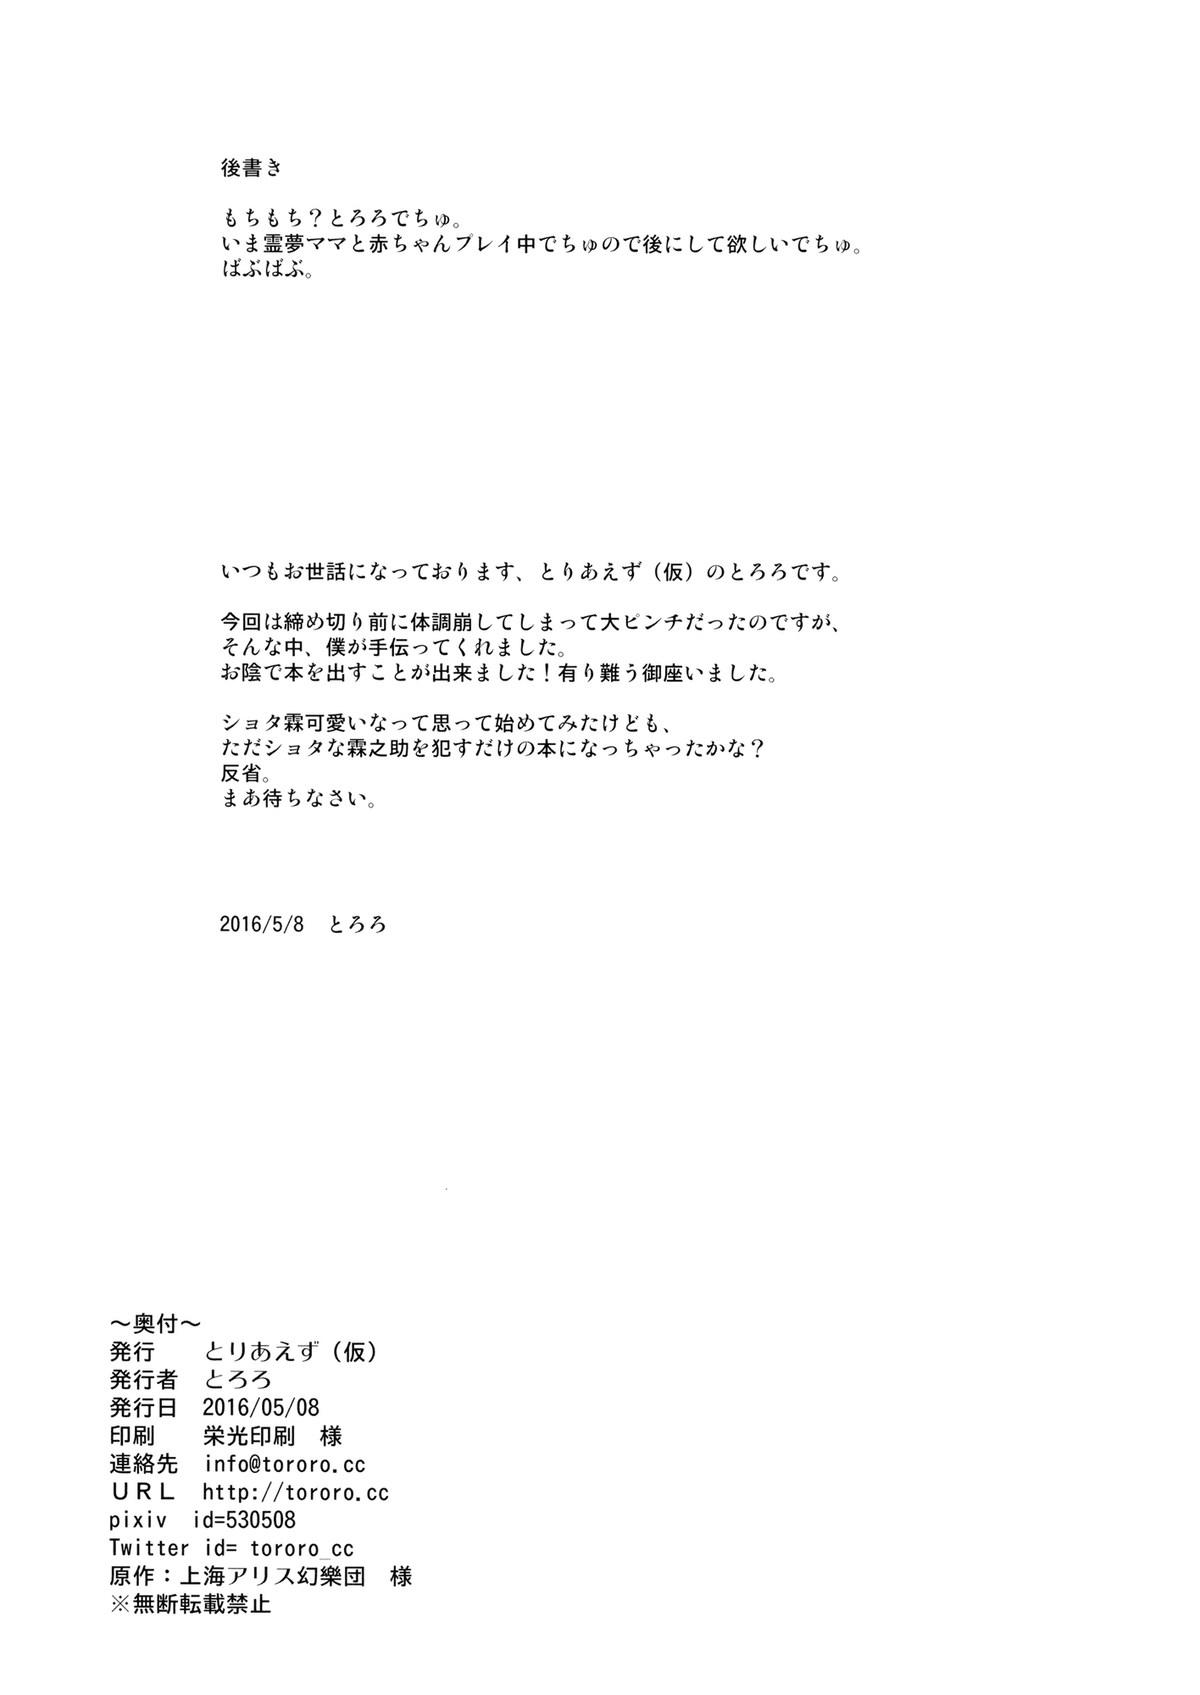 Hình ảnh 022 trong bài viết Gyutto Shota Rin